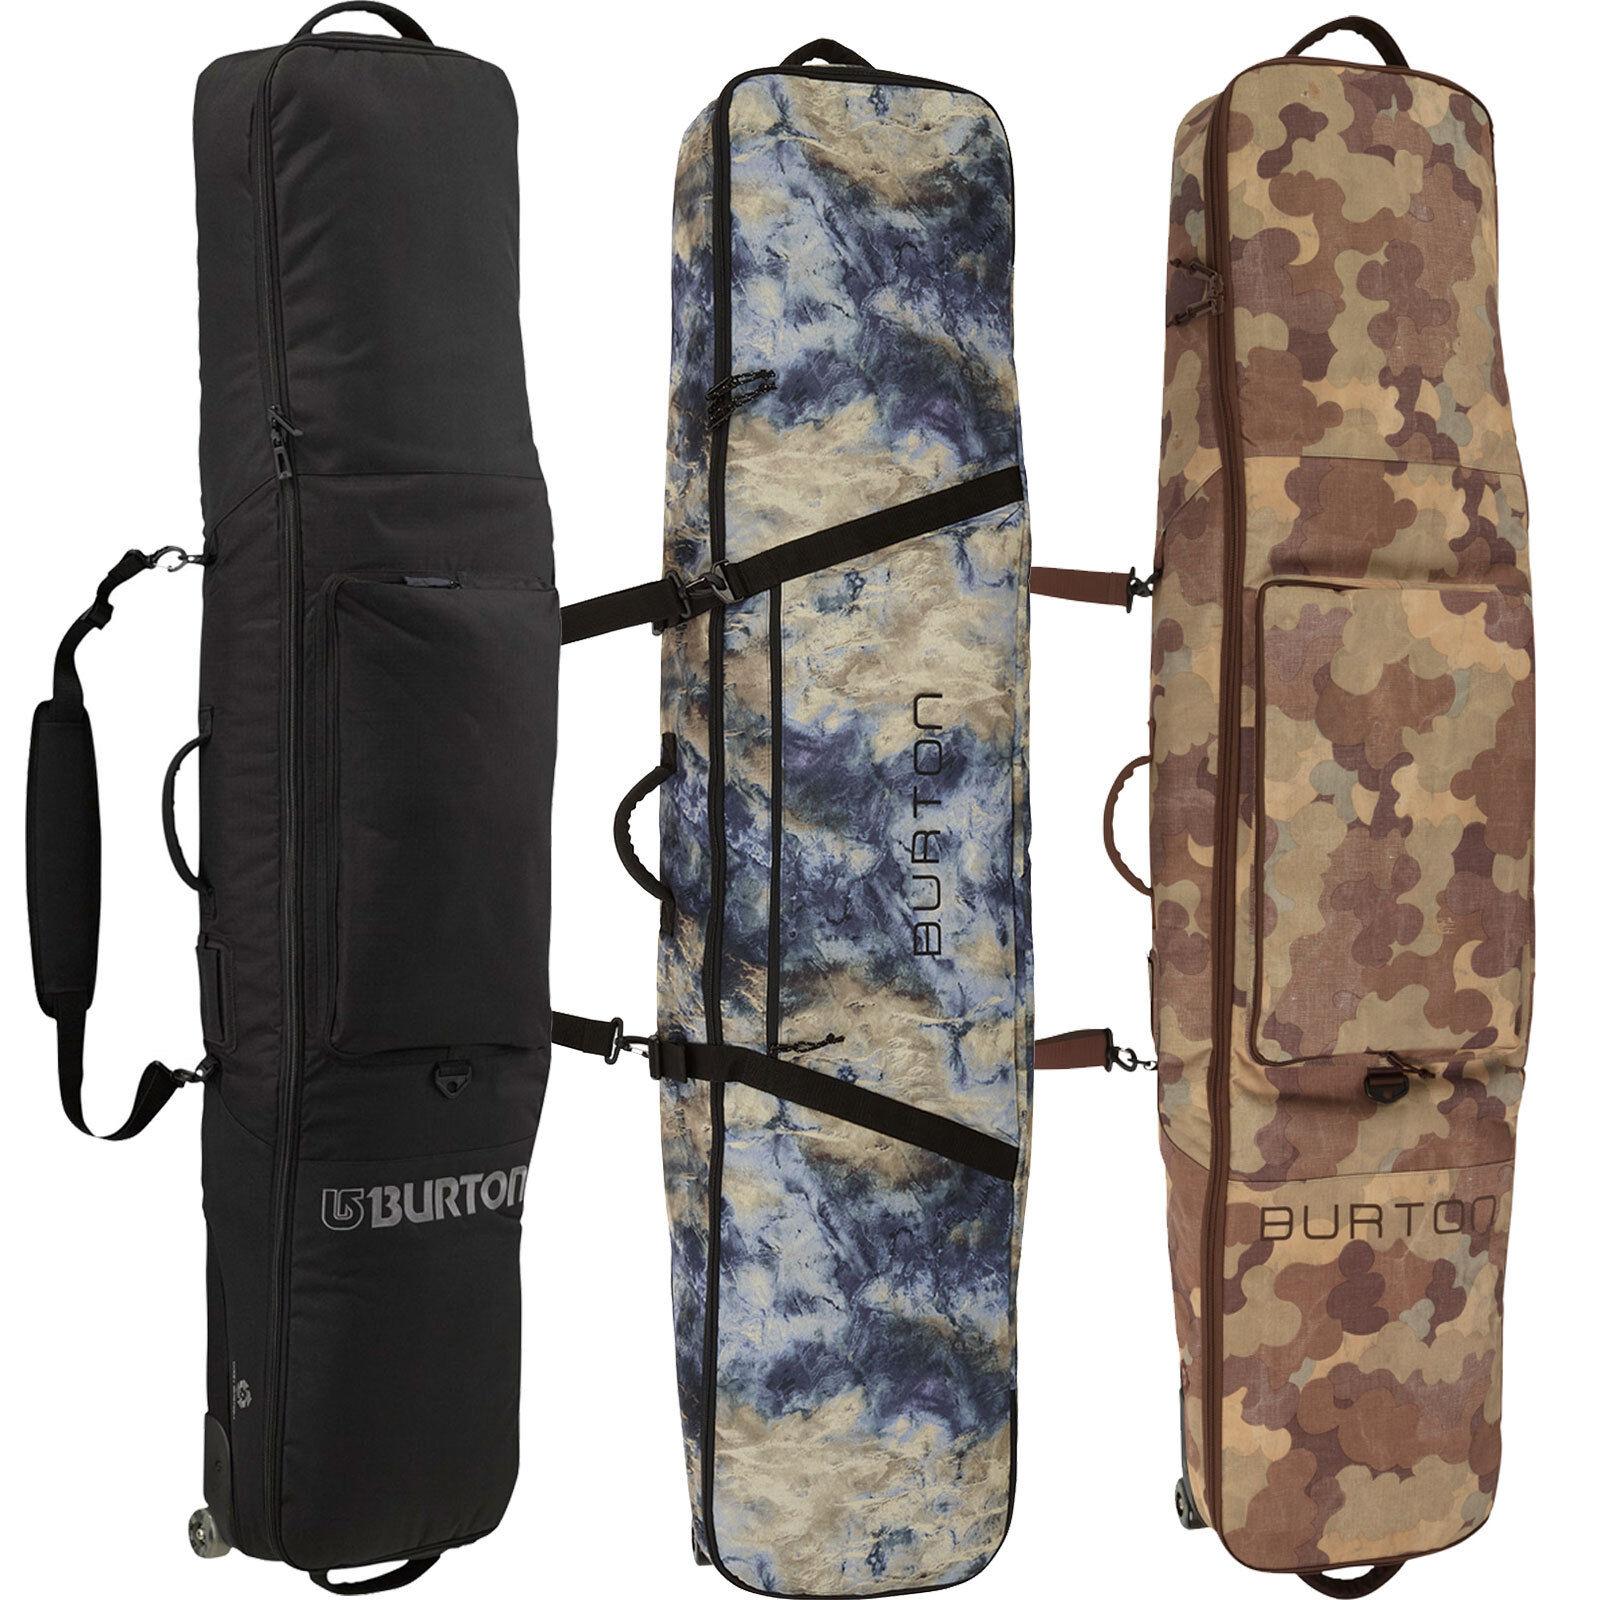 Burton Wheelie Gig Bag Snowboardbag Snowboardtasche Rolltasche Tragetasche